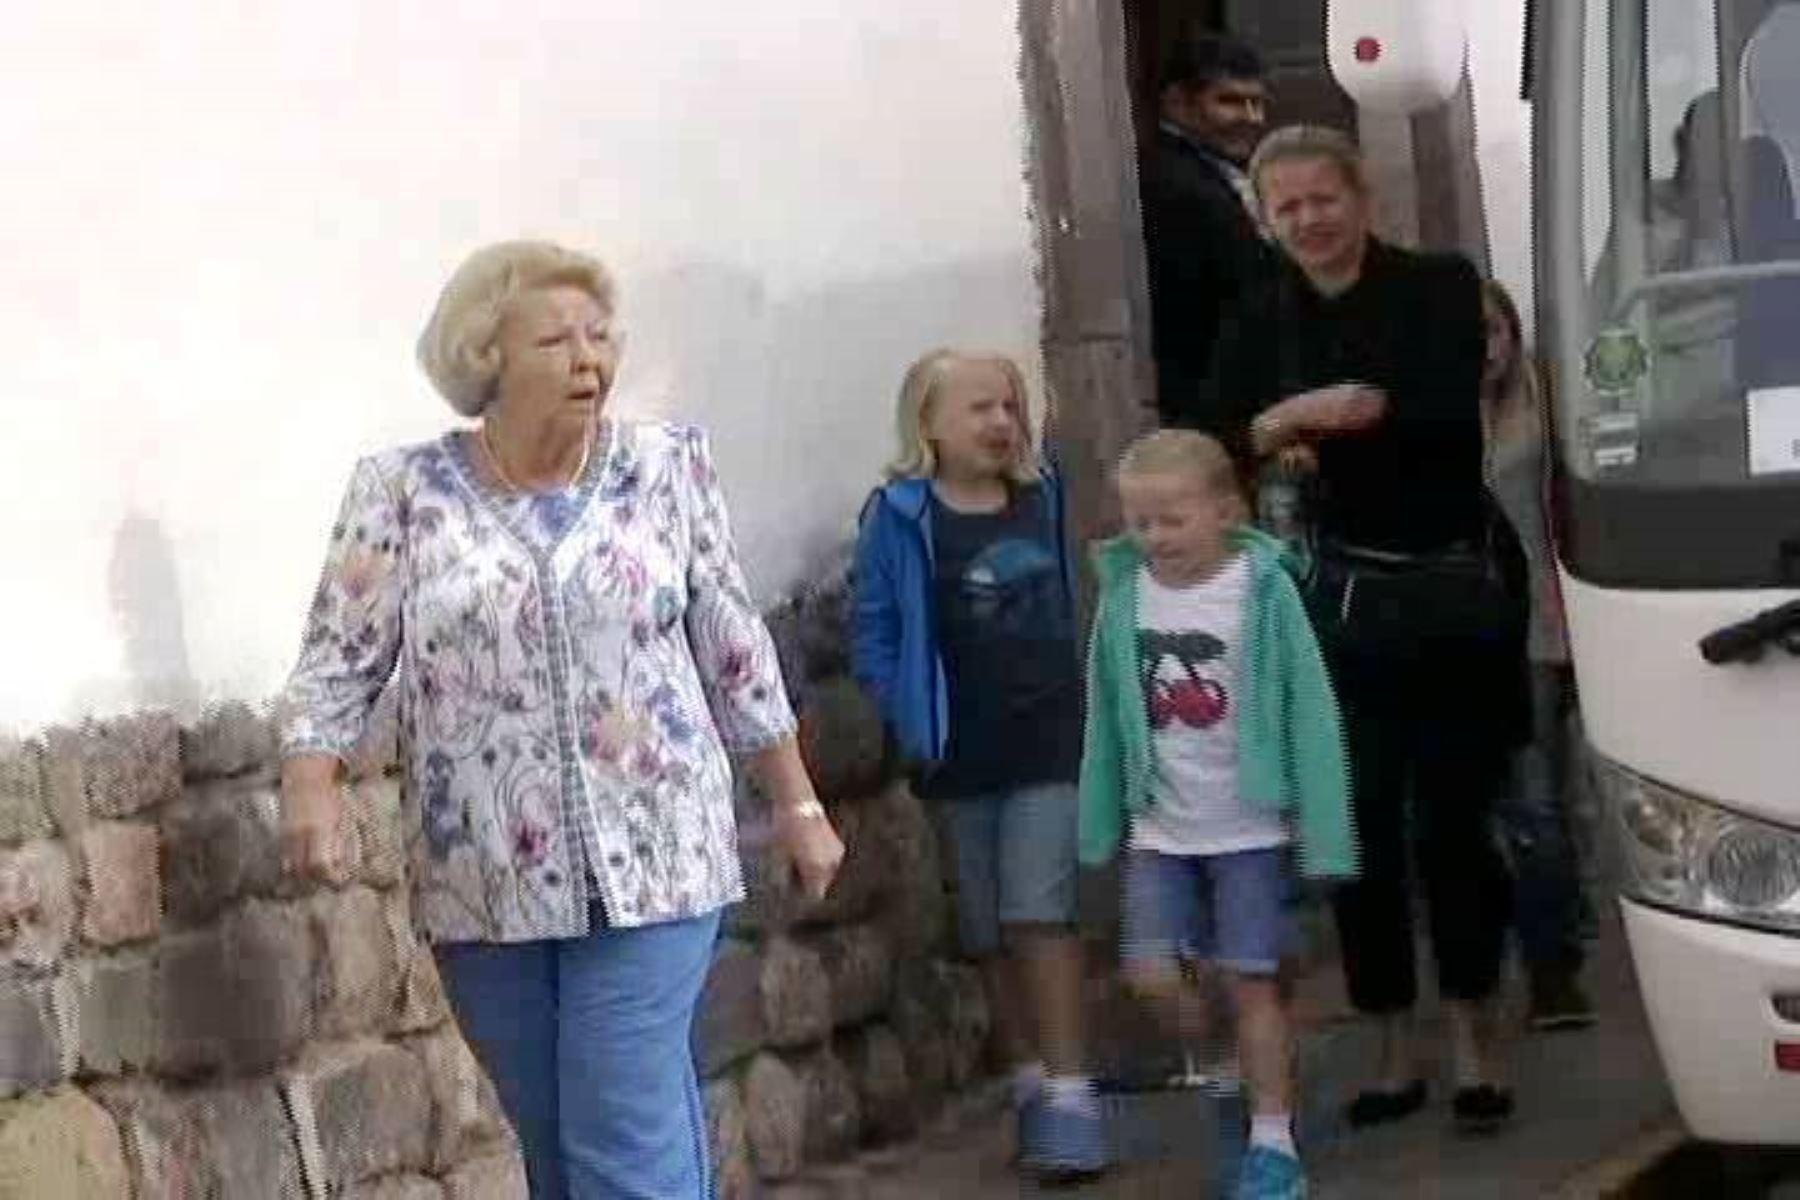 Familia real de Holanda al momento de abandonar el hotel en la ciudad de Cusco para trasladarse al aeropuerto a tomar el vuelo hacia Lima. Foto: ANDINA/Percy Hurtado.